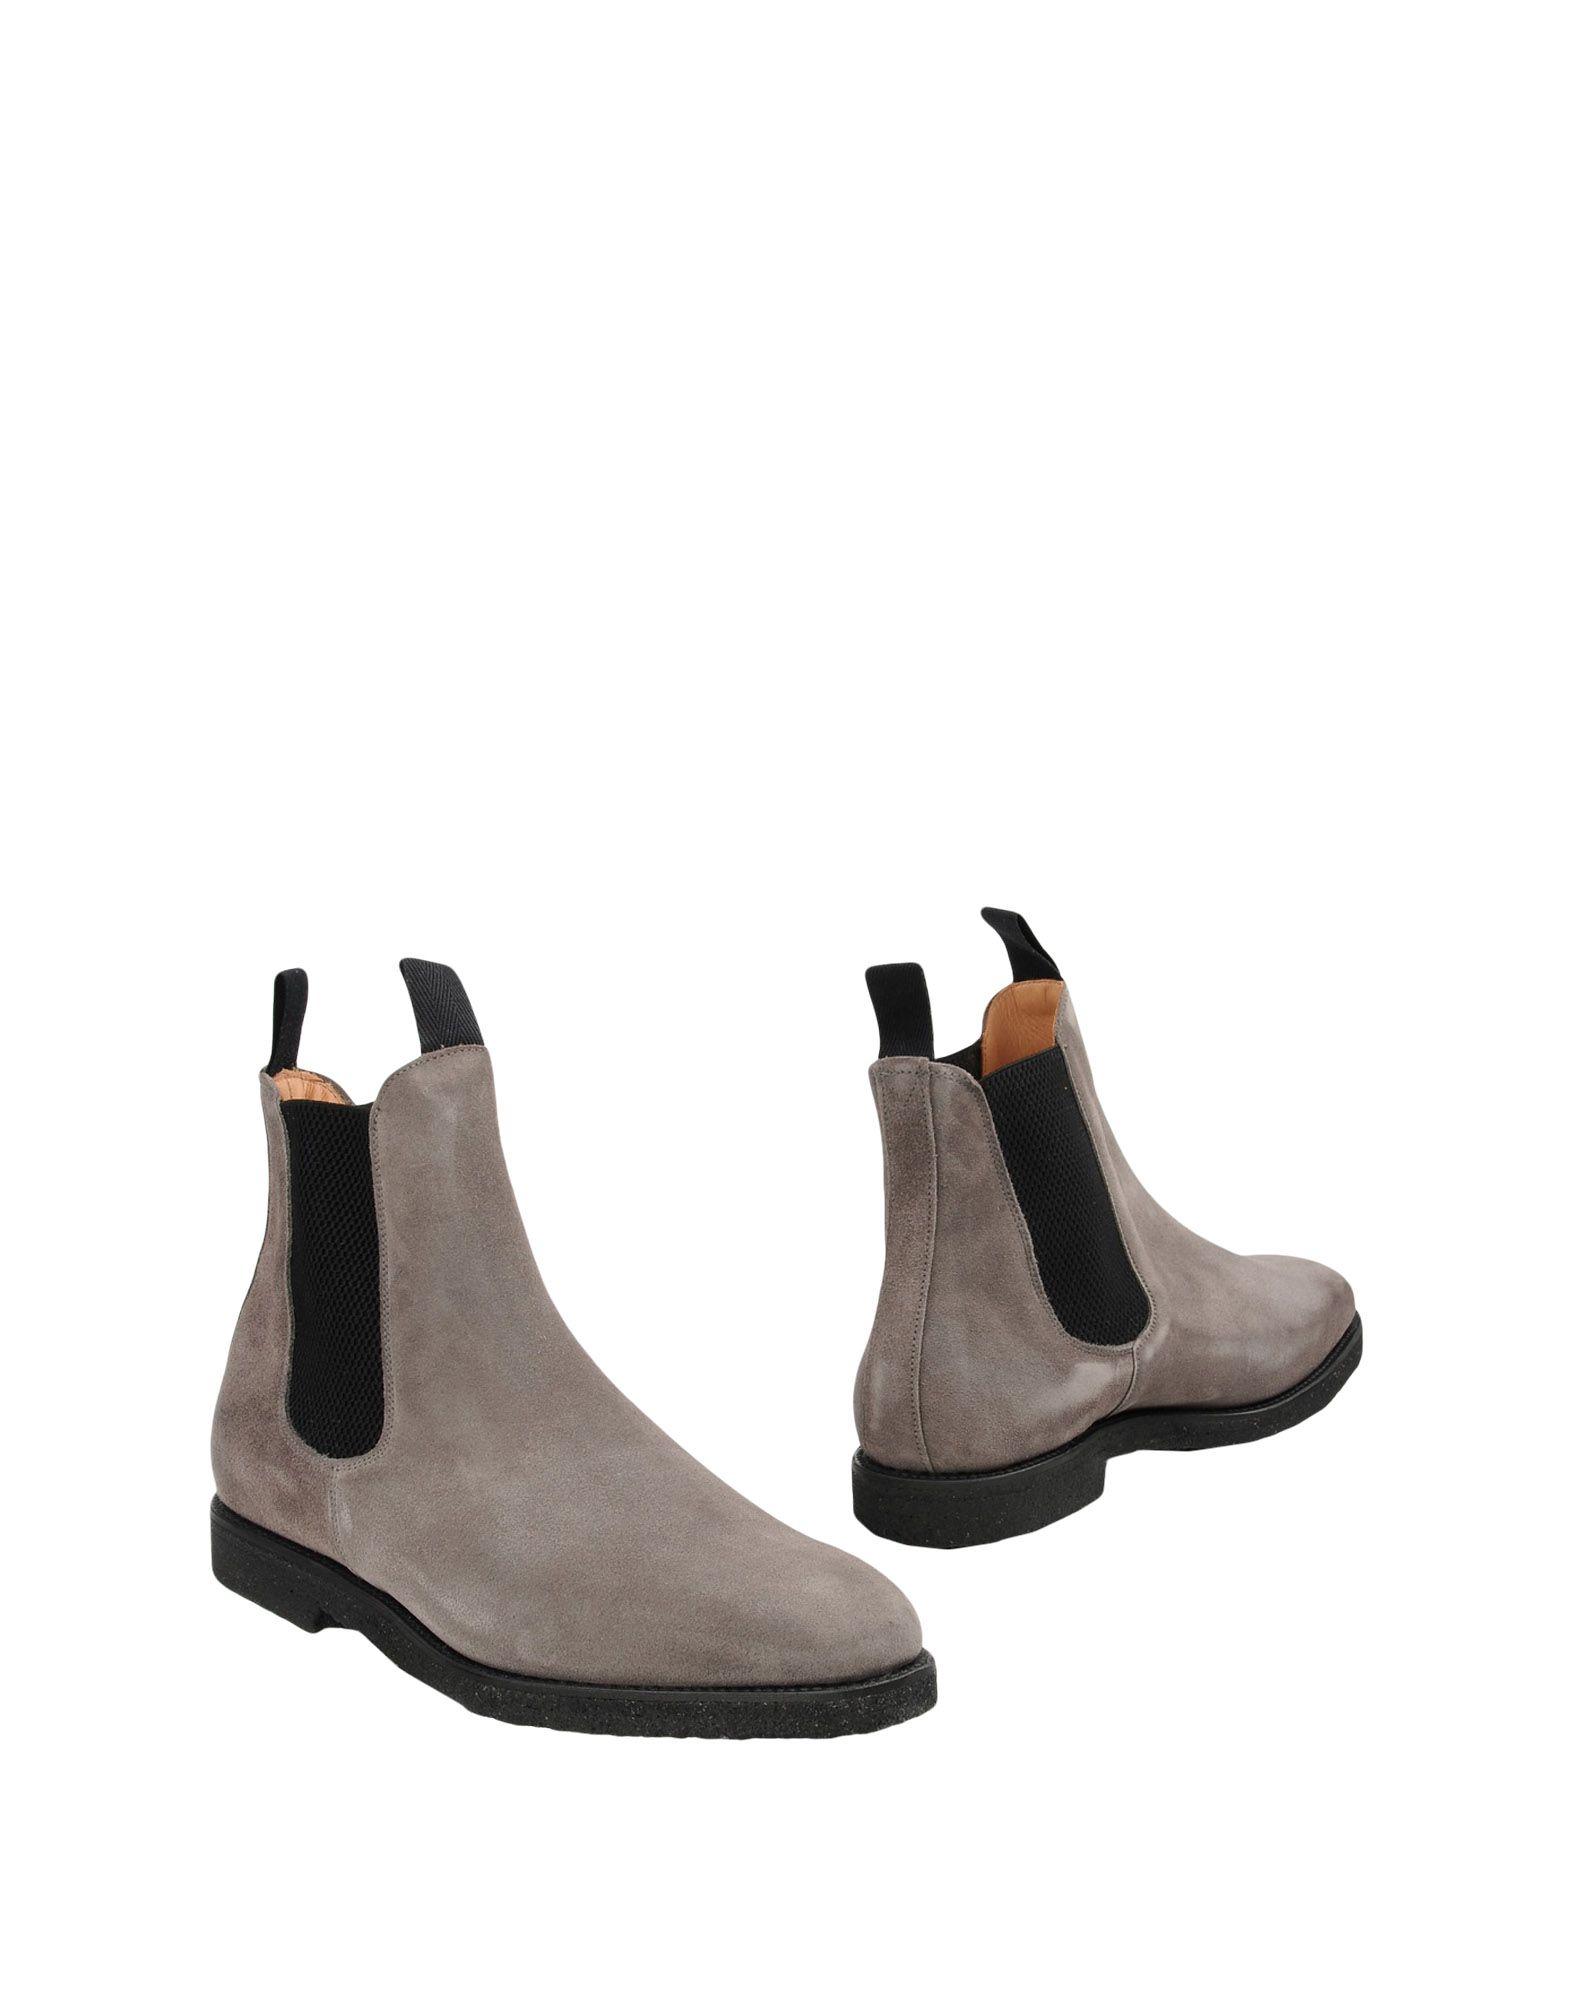 Sander's Stiefelette Herren  11358124MD Gute Qualität beliebte Schuhe